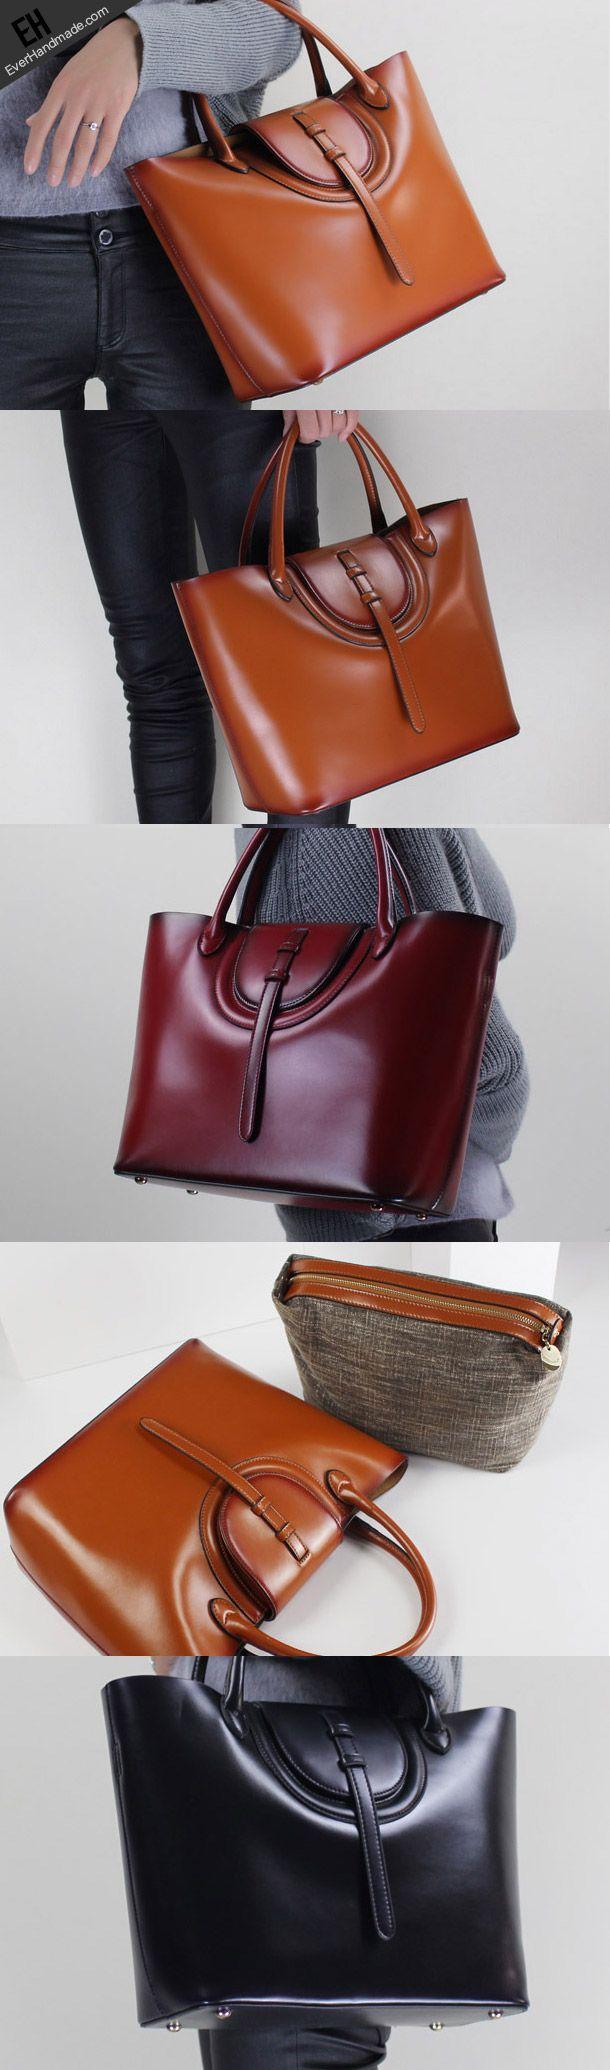 Leather handbag shoulder bag brown black Gray Red for women